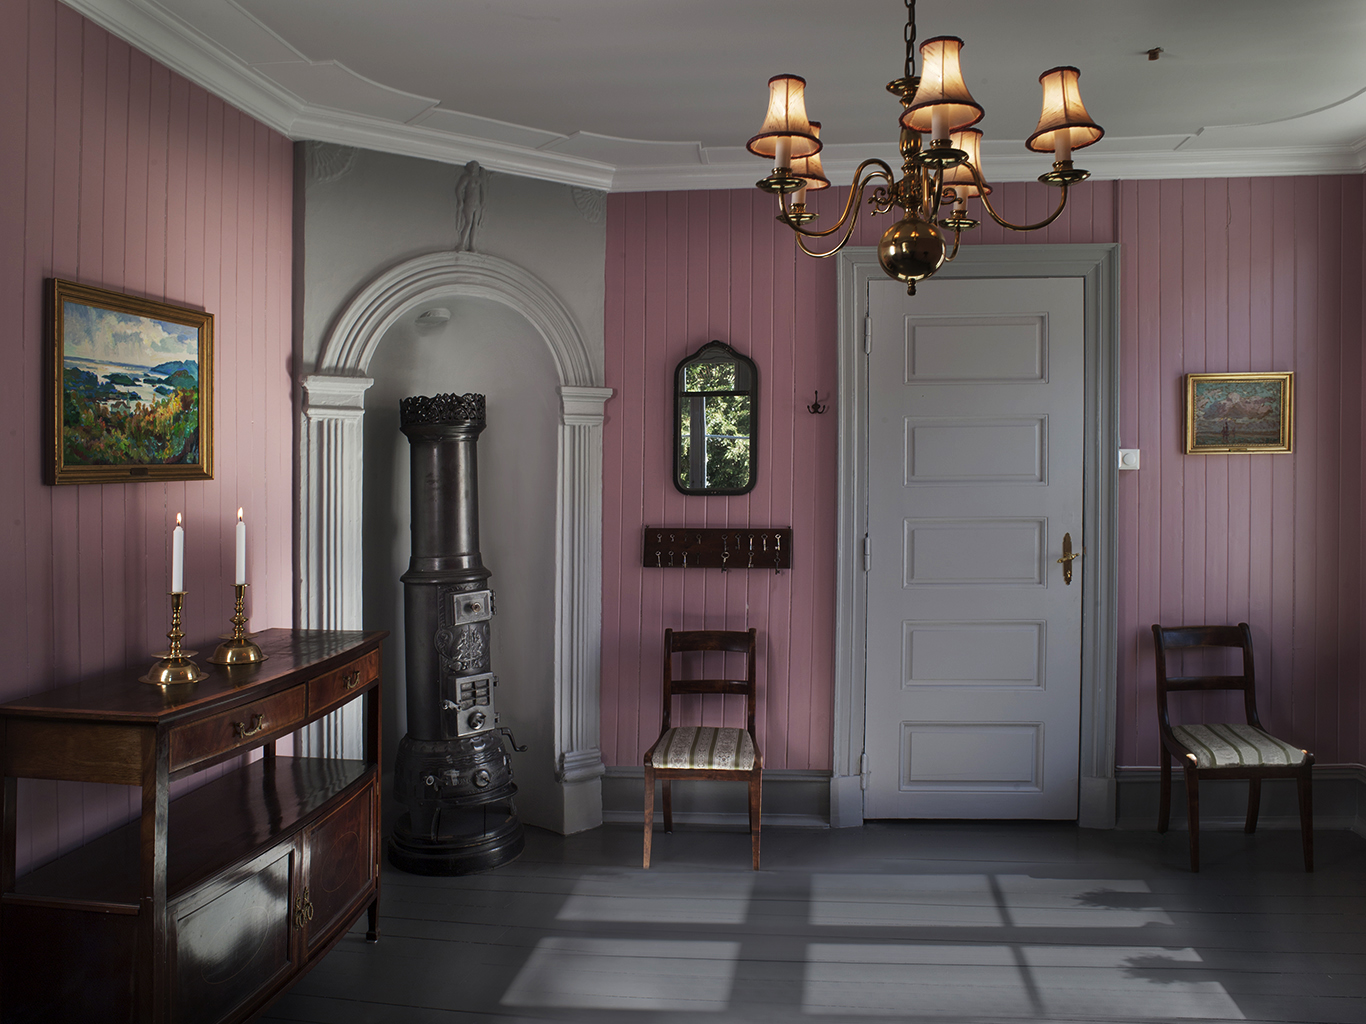 Det rosa værelse